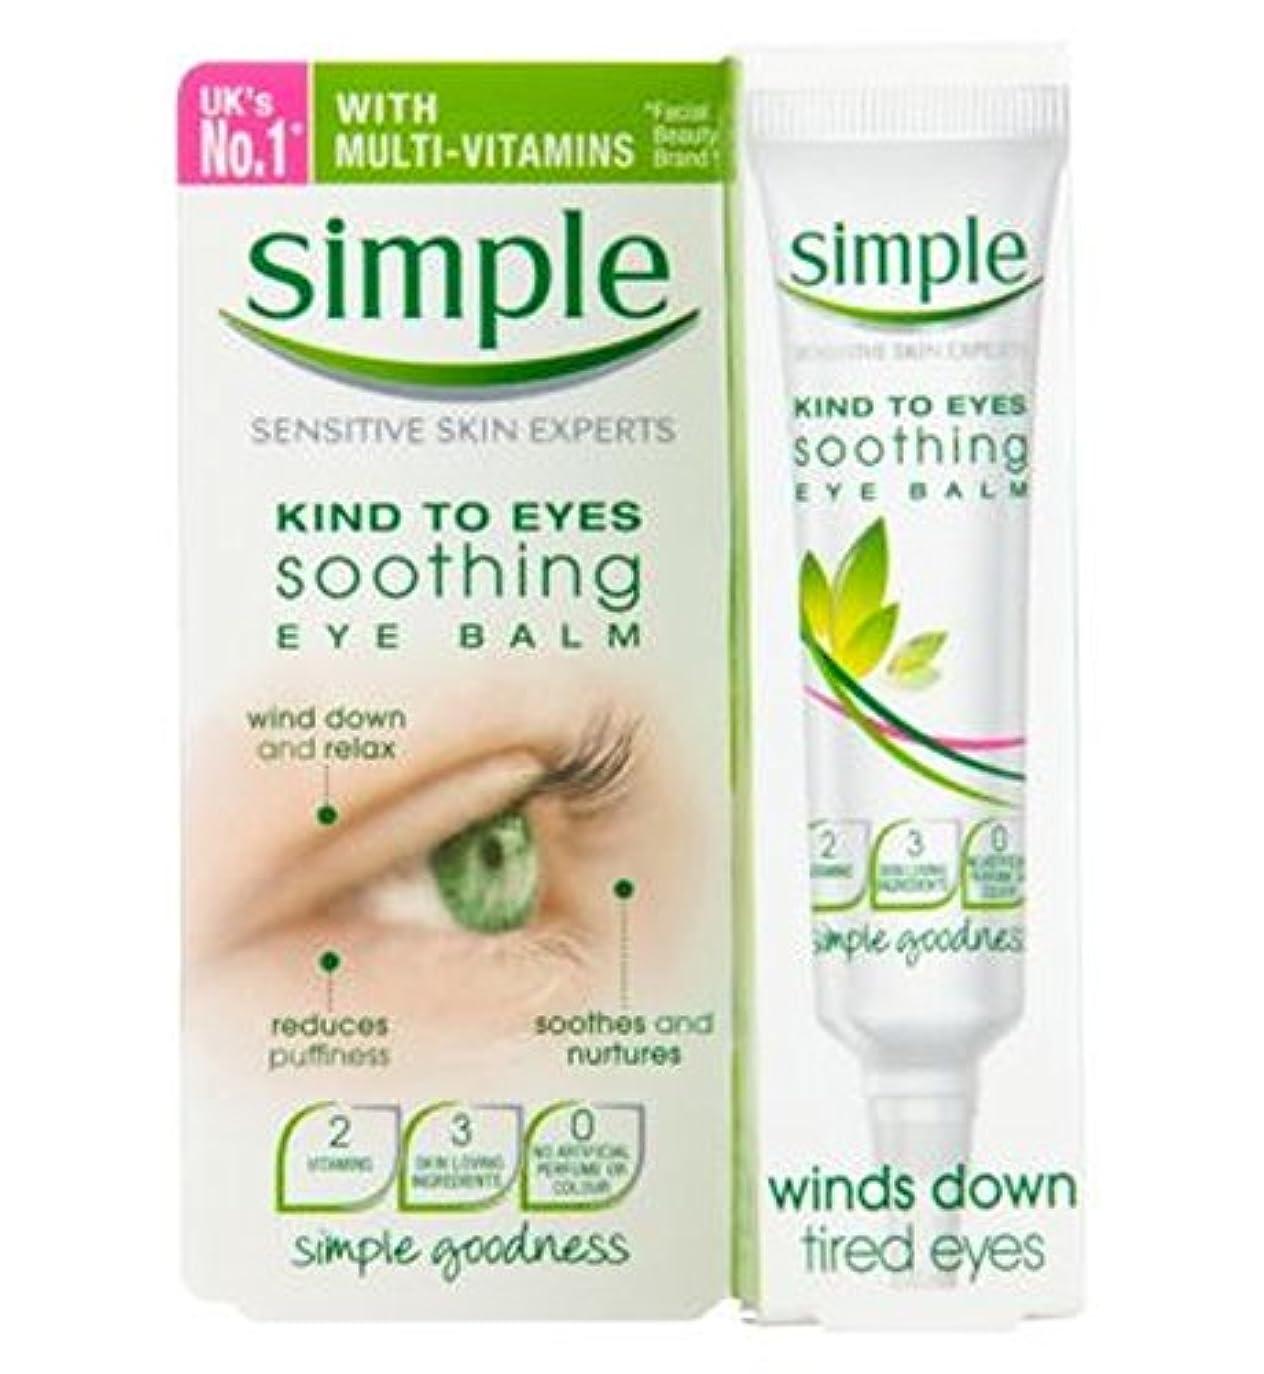 堤防エキスパートトレード目への単純な親切な落ち着いたアイクリーム15ミリリットル (Simple) (x2) - Simple Kind To Eyes Soothing Eye Balm 15ml (Pack of 2) [並行輸入品]